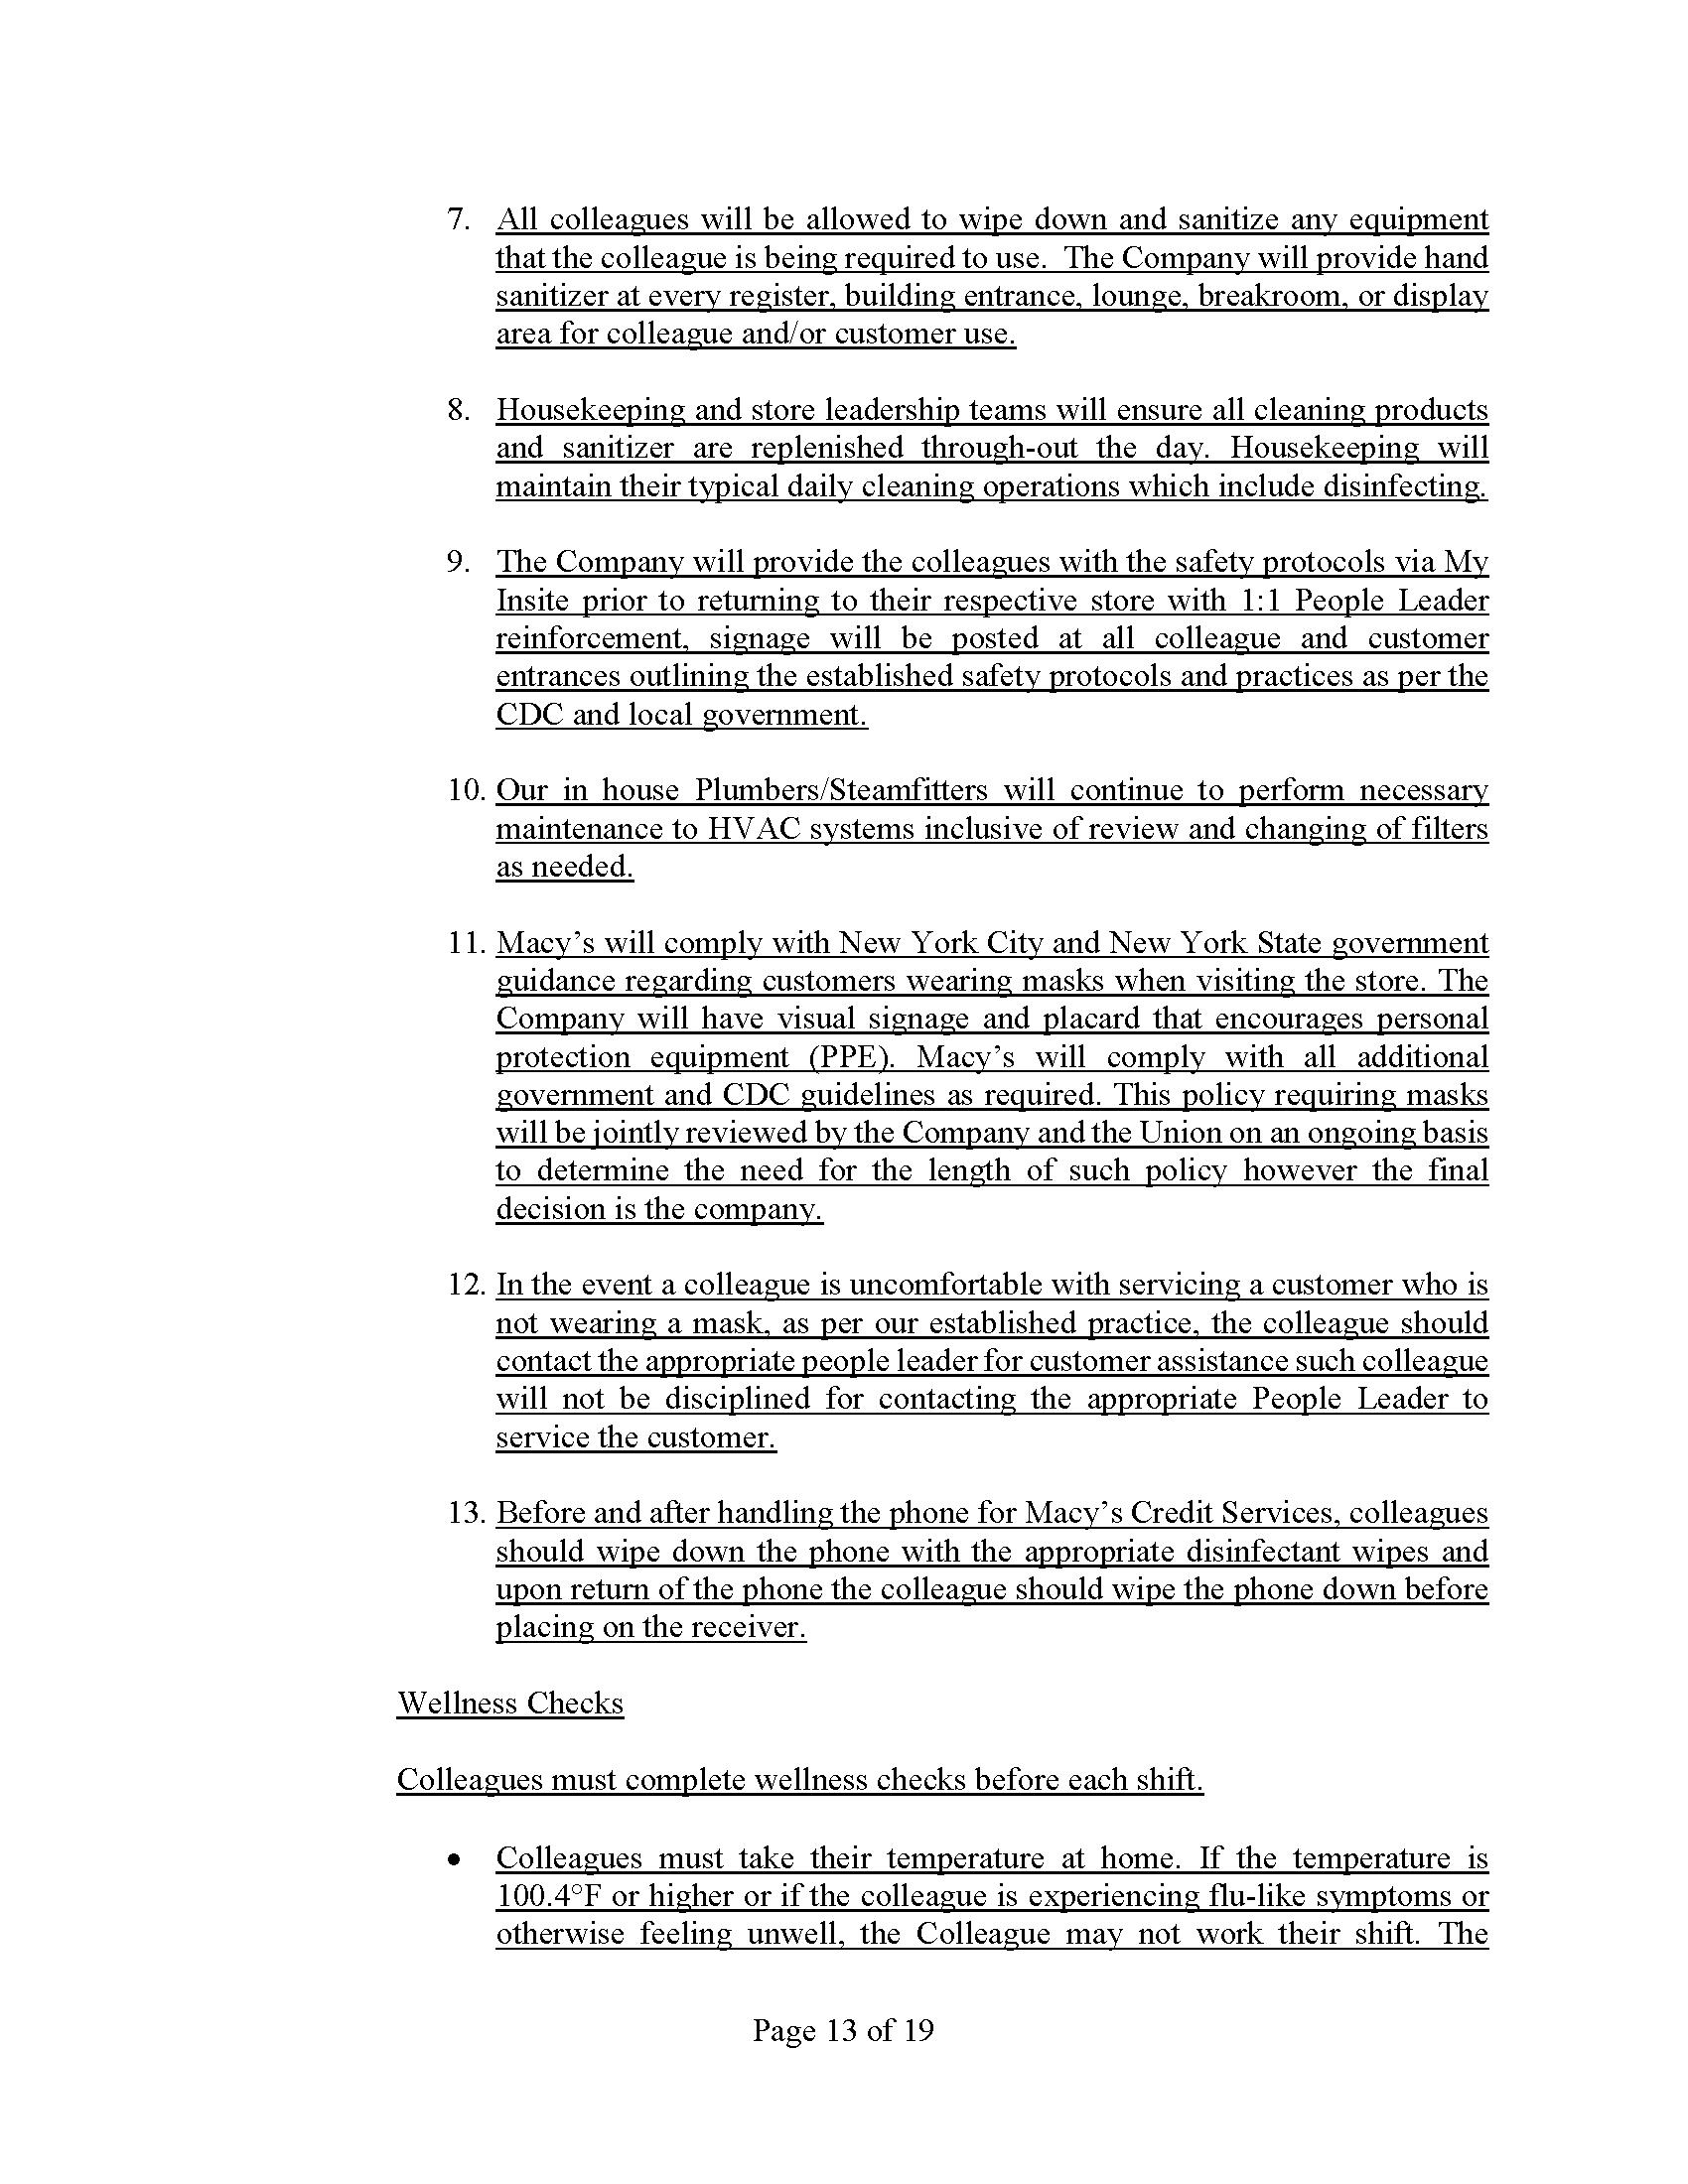 Memorandum_of_Agreement_10484__Page_13.png